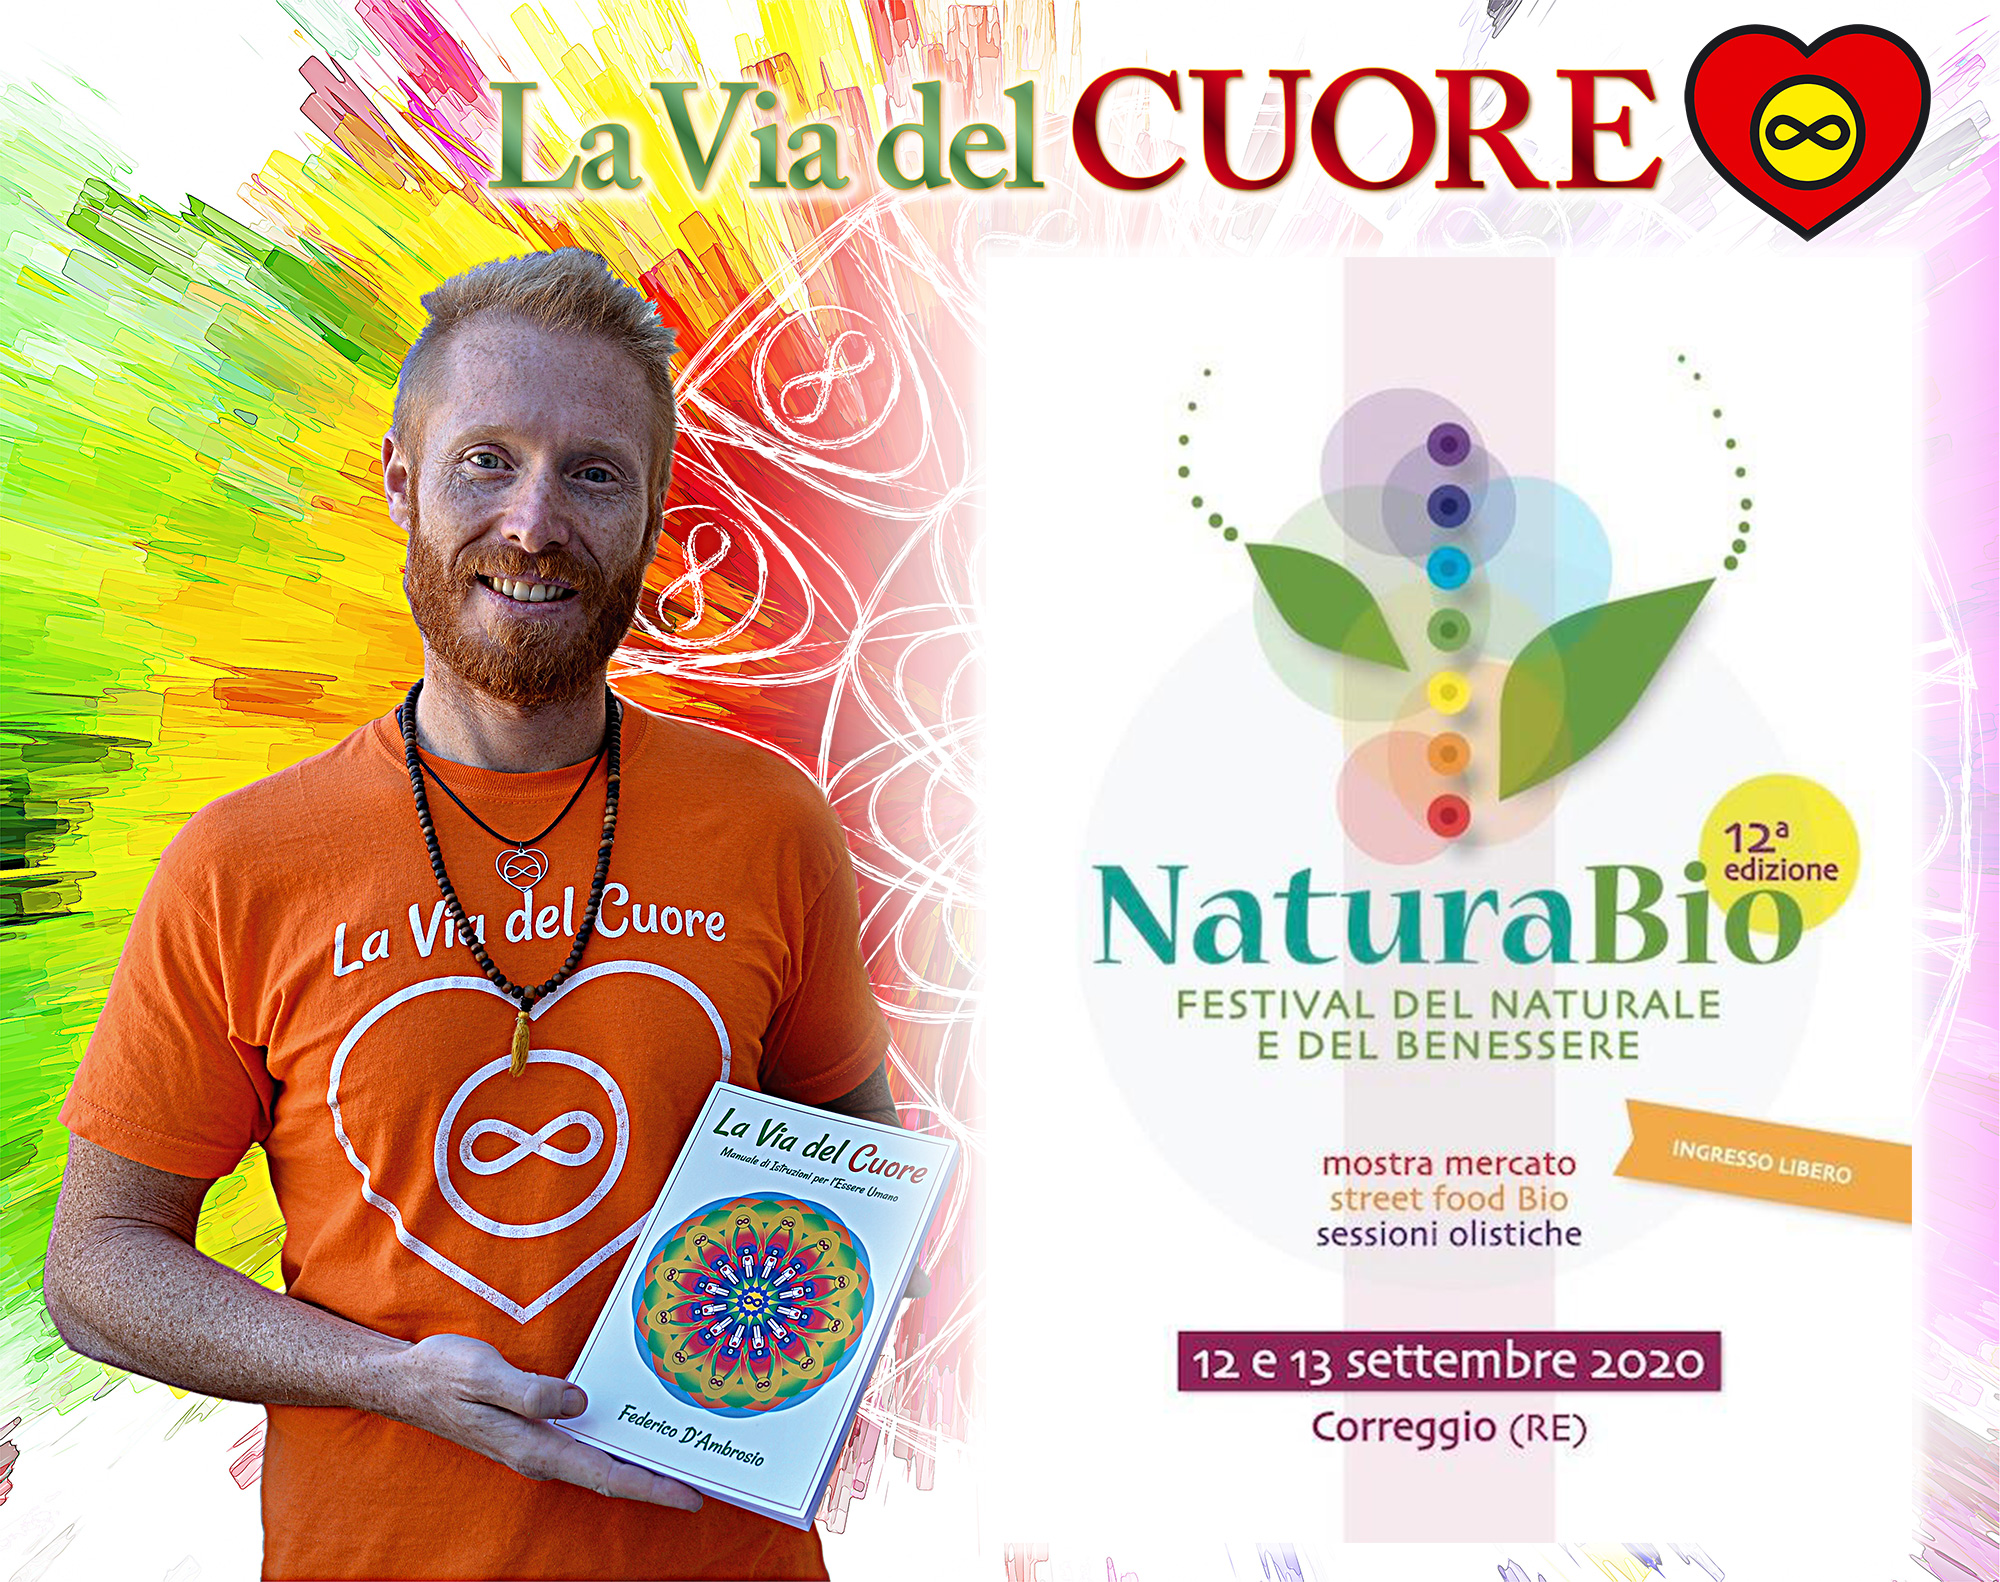 Natura Bio Festival del Naturale e del Benessere